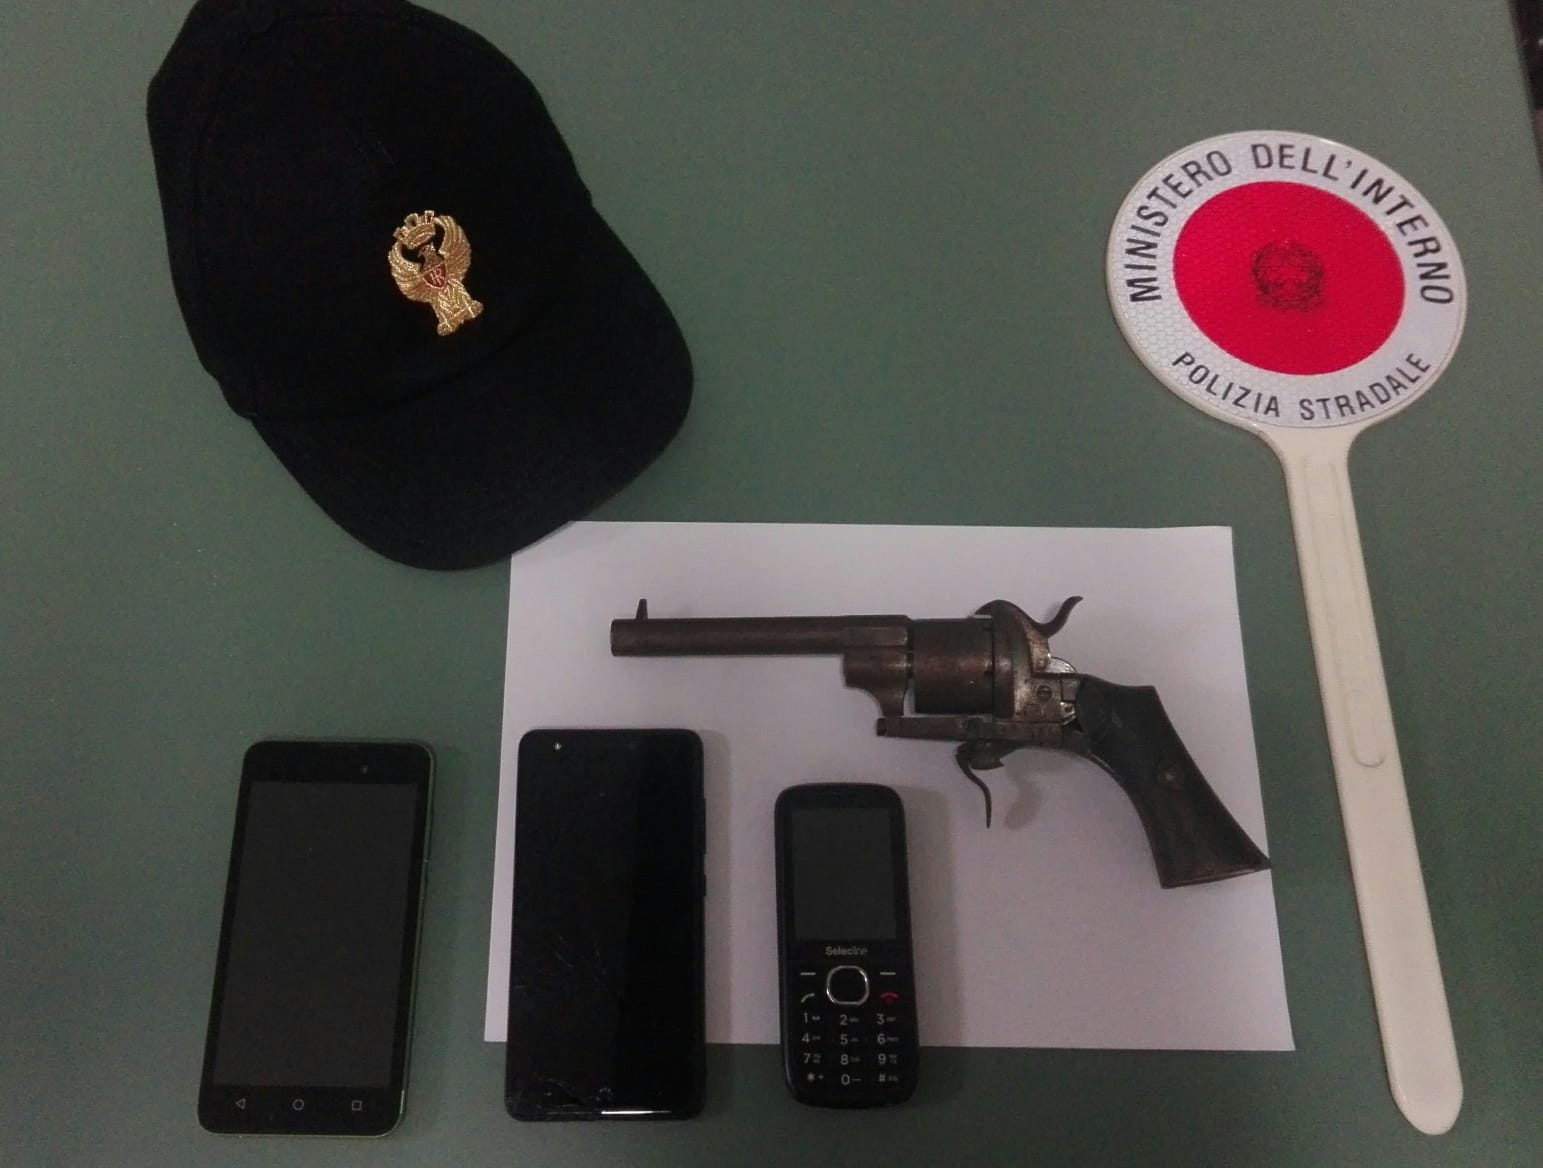 Droga e revolver storico, intense nottate in A4. Due uomini sconosciuti alle forze dell'ordine sono stati trovati con della cocaina e diversi contanti, mentre un pregiudicato viaggiava con un'arma storica in macchina.